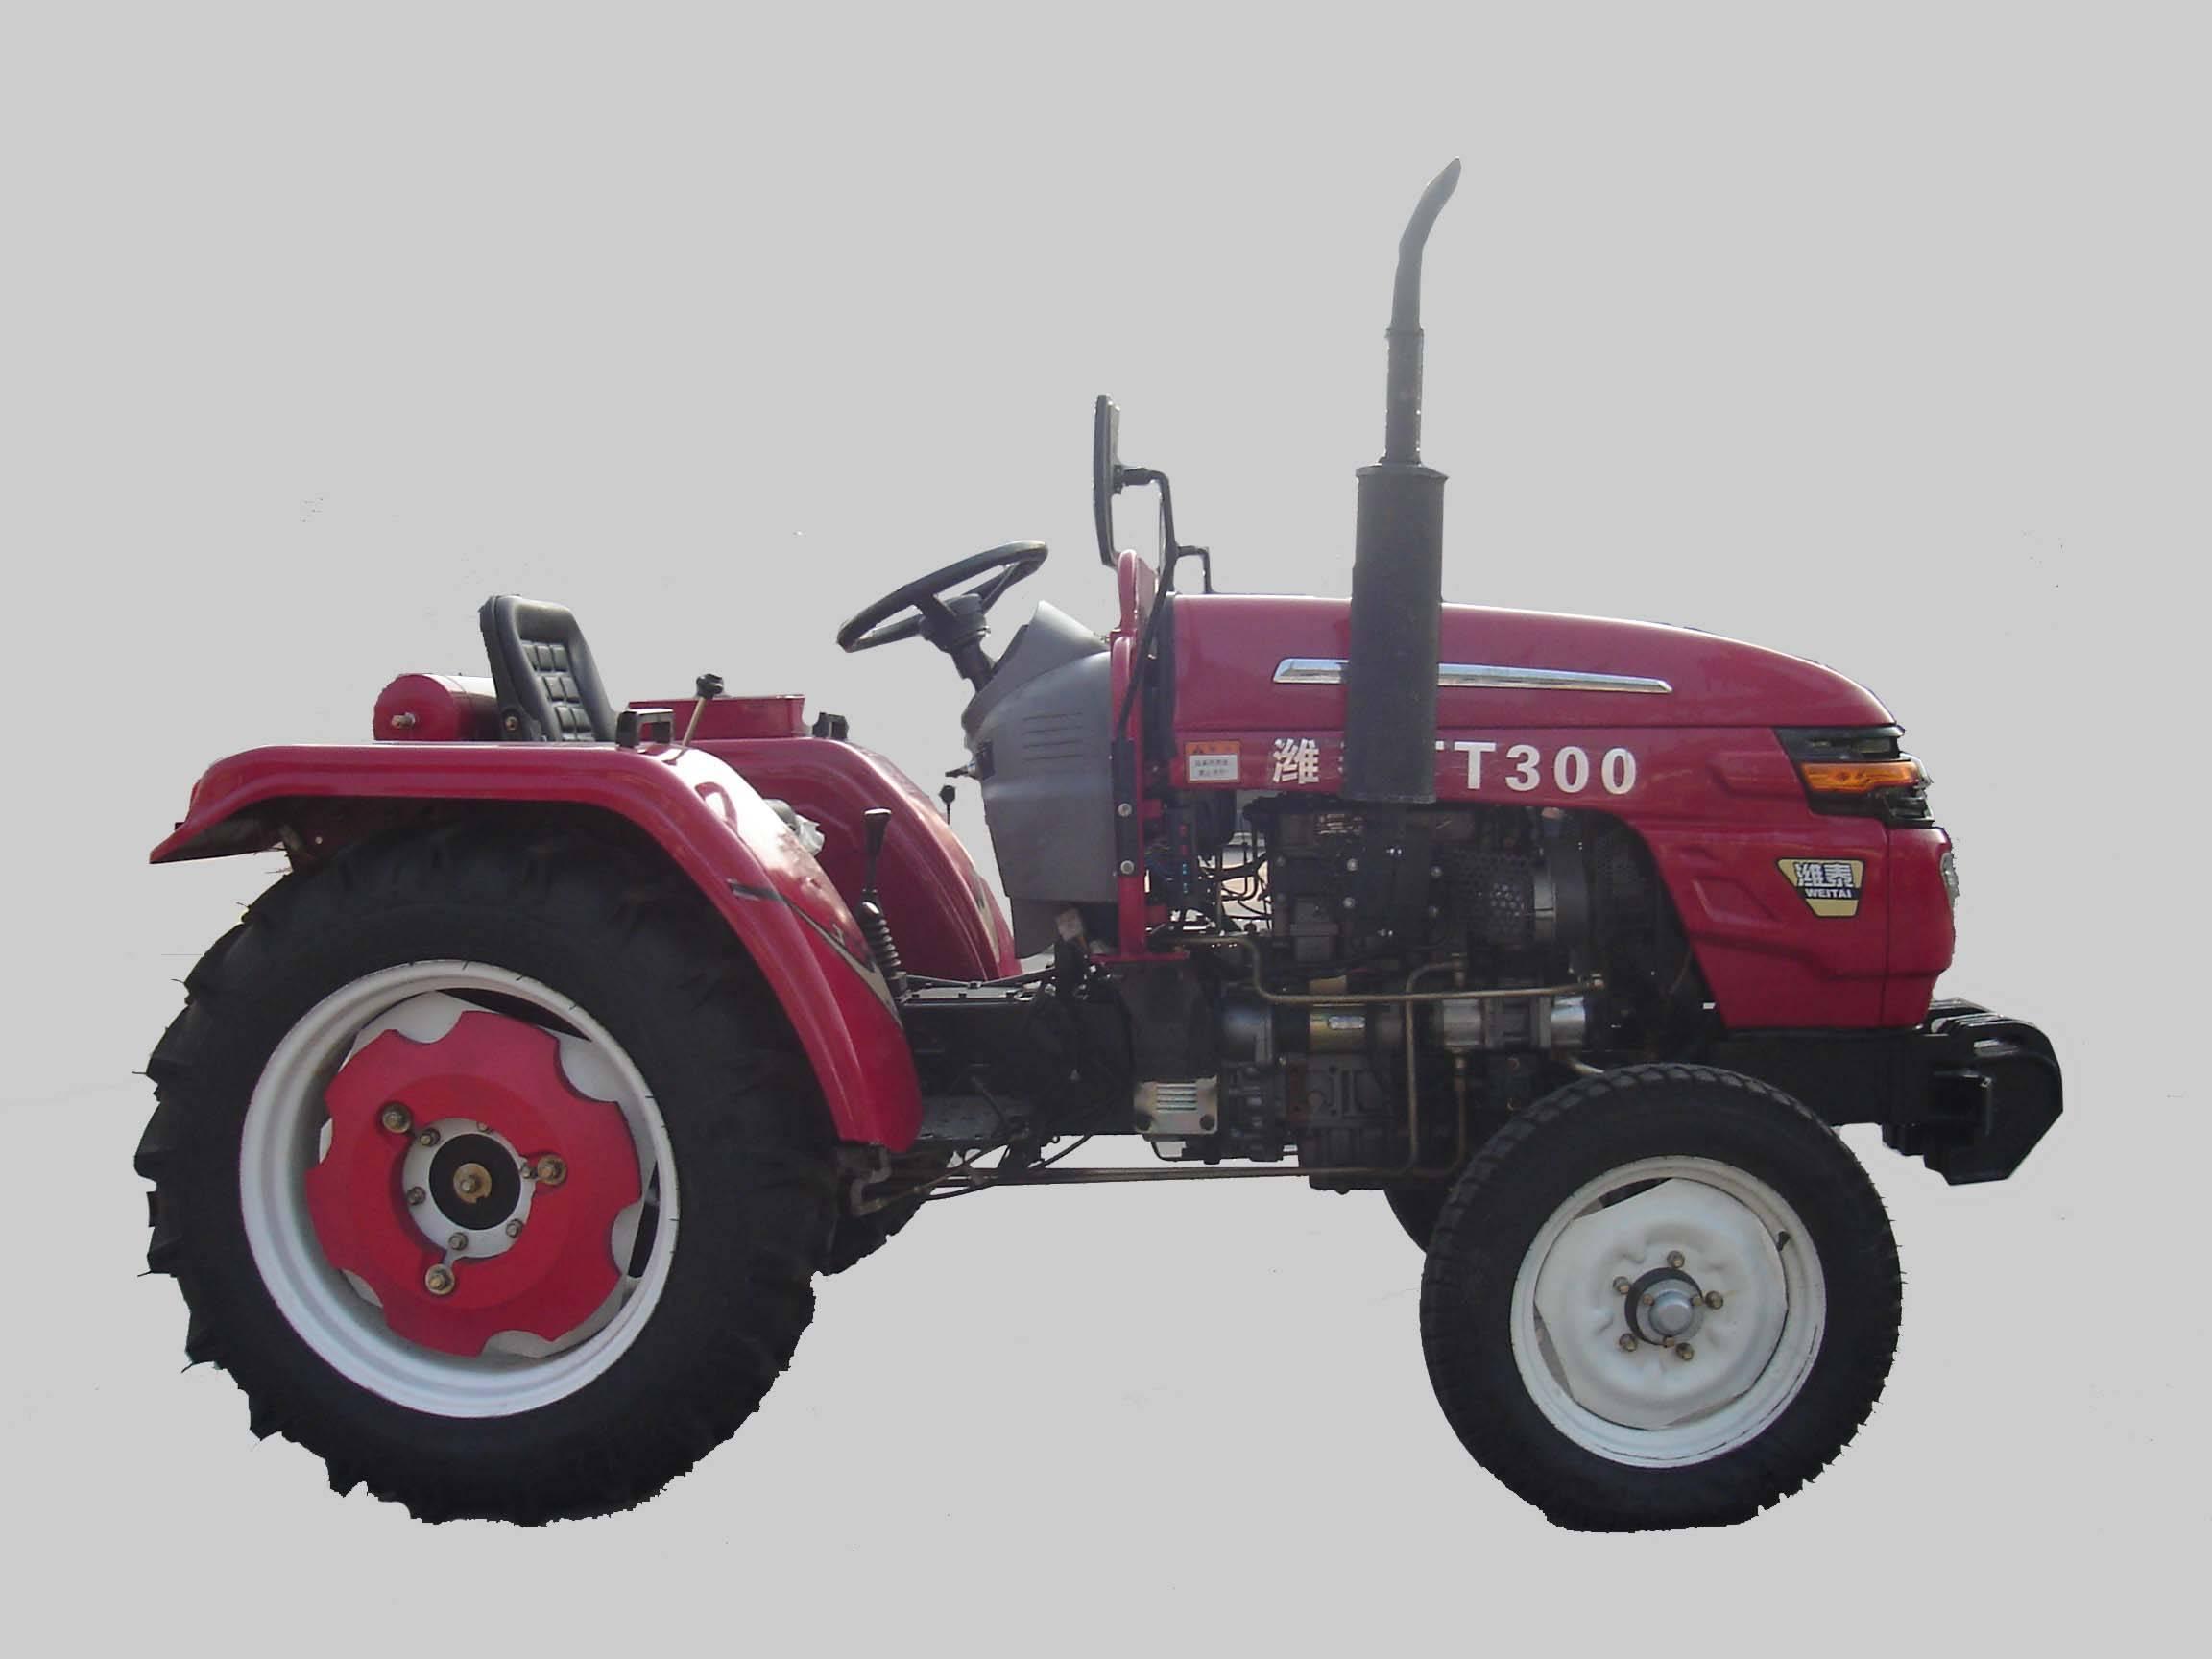 TT300 Farm Tractor